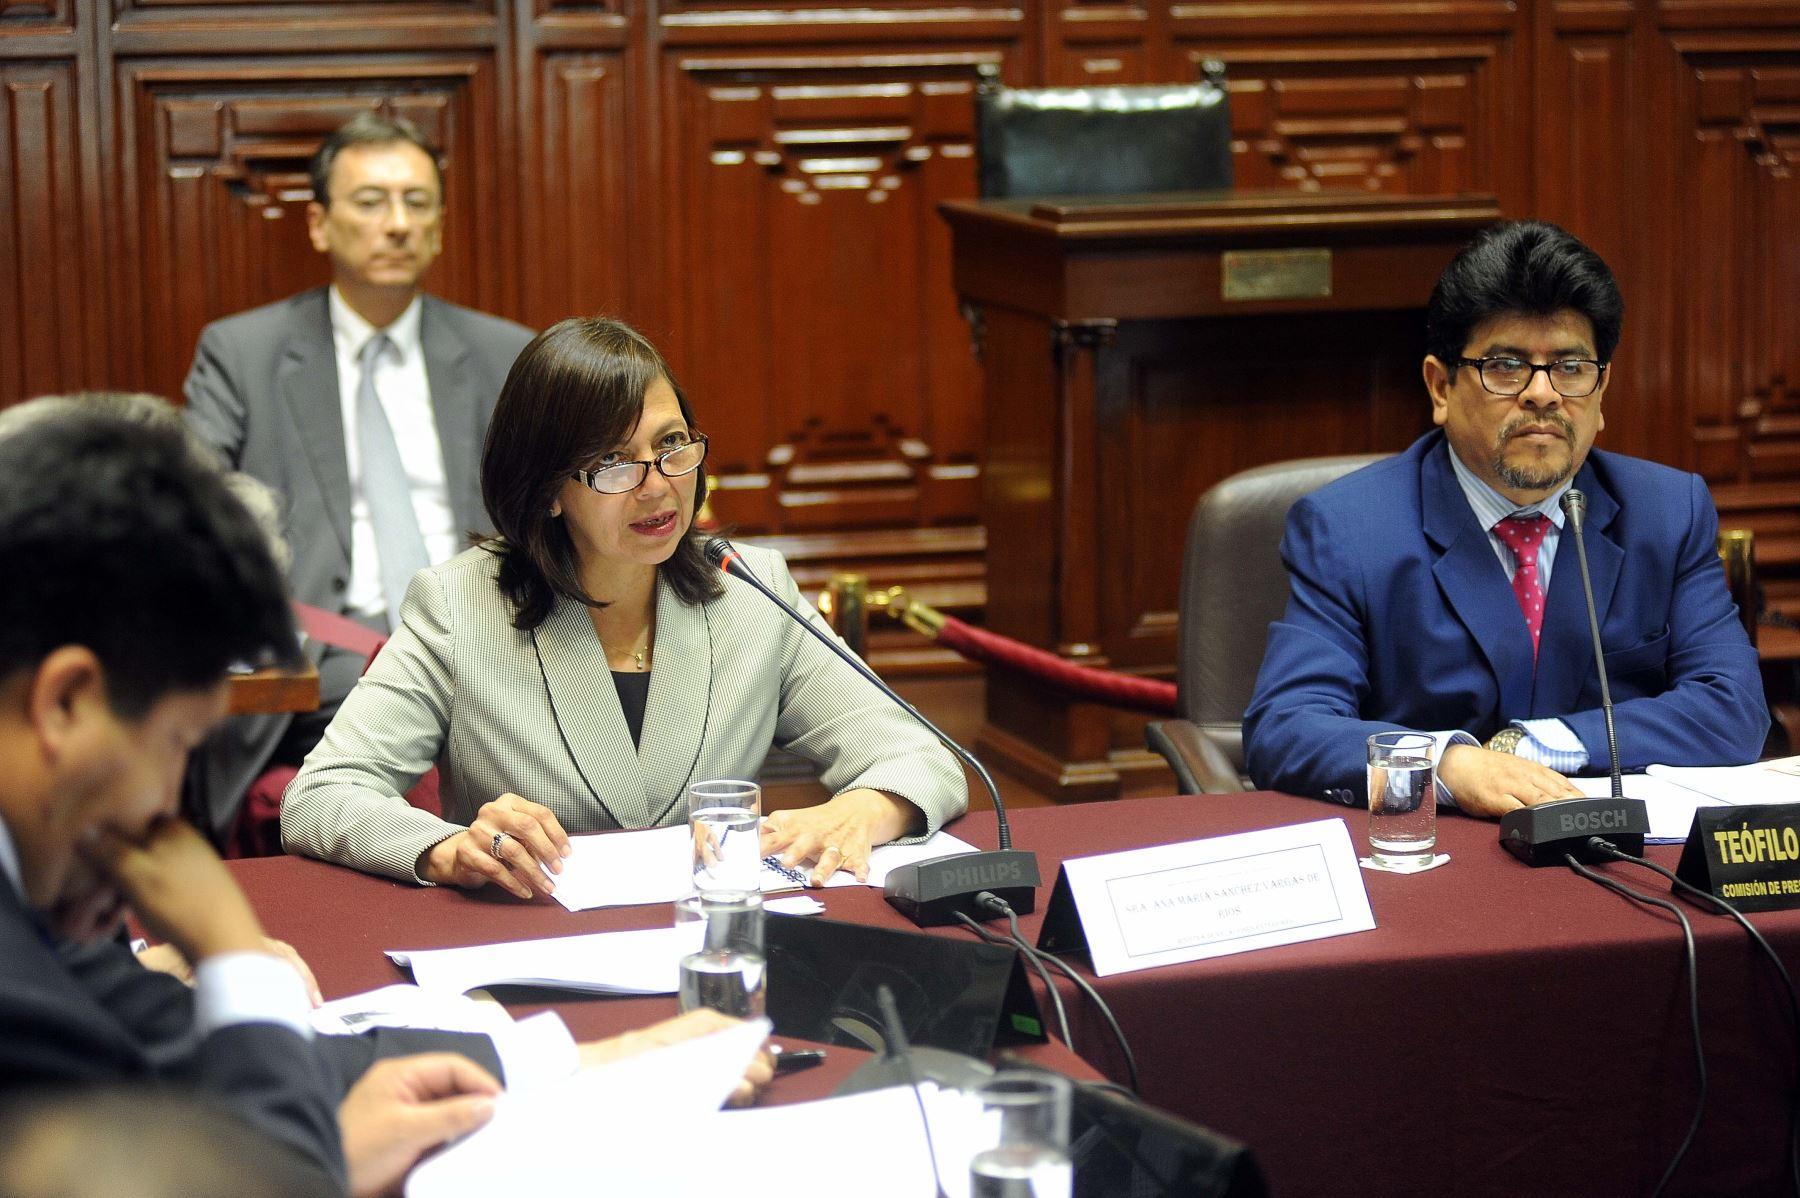 La ministra de Relaciones Exteriores, Ana María Sánchez, ante la Comisión de Presupuesto, que preside el congresista Teófilo Gamarra. ANDINA/Difusión